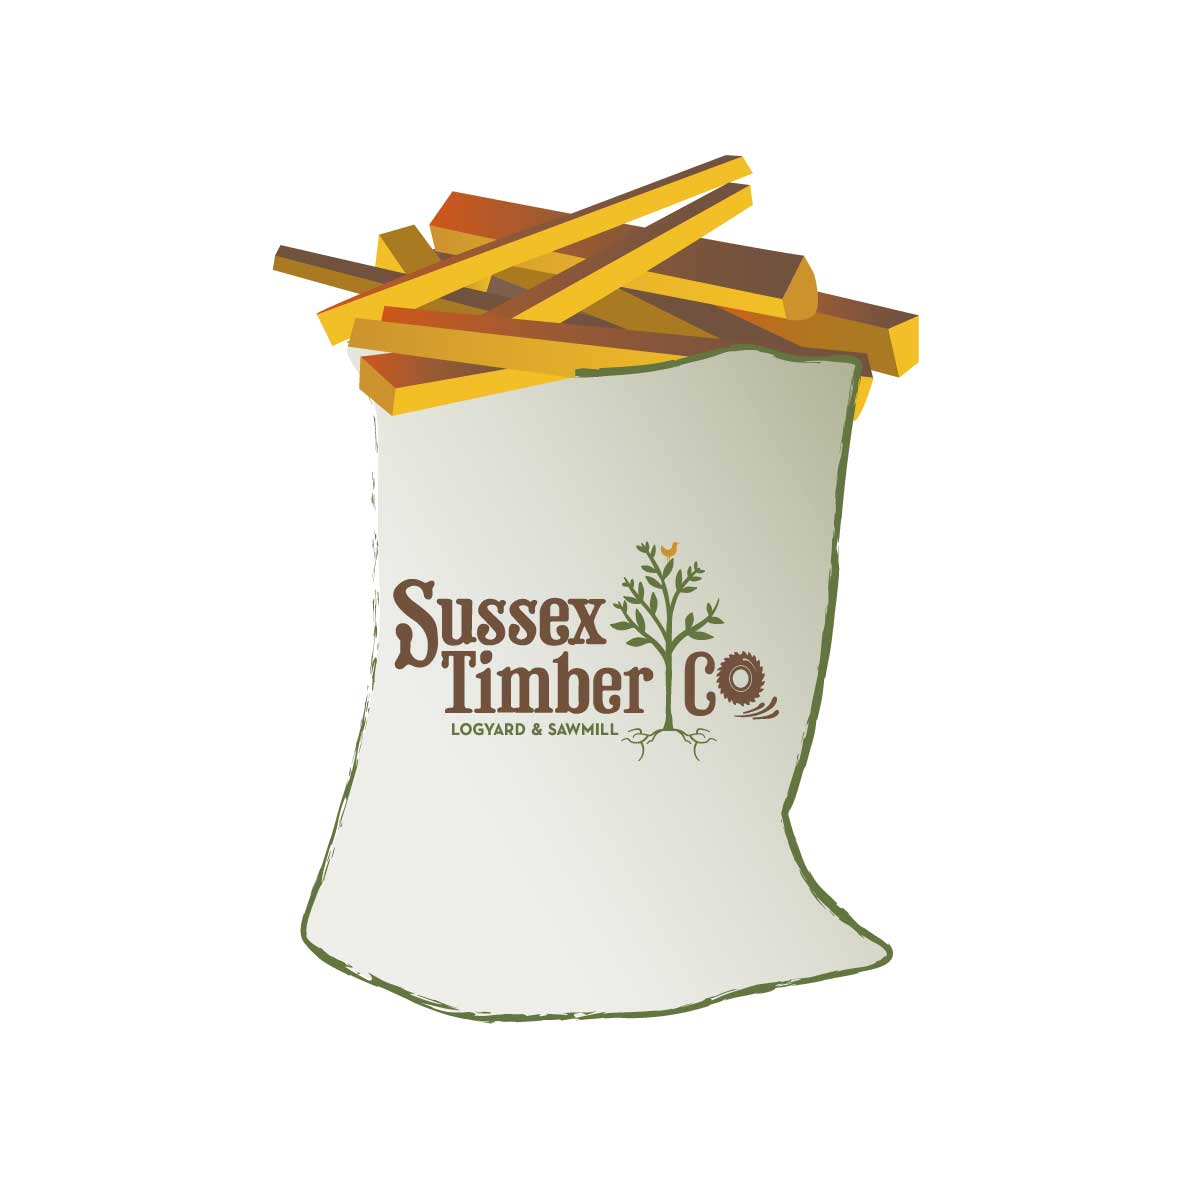 Sussex-Timber-Co-Wood-Bag-illustration